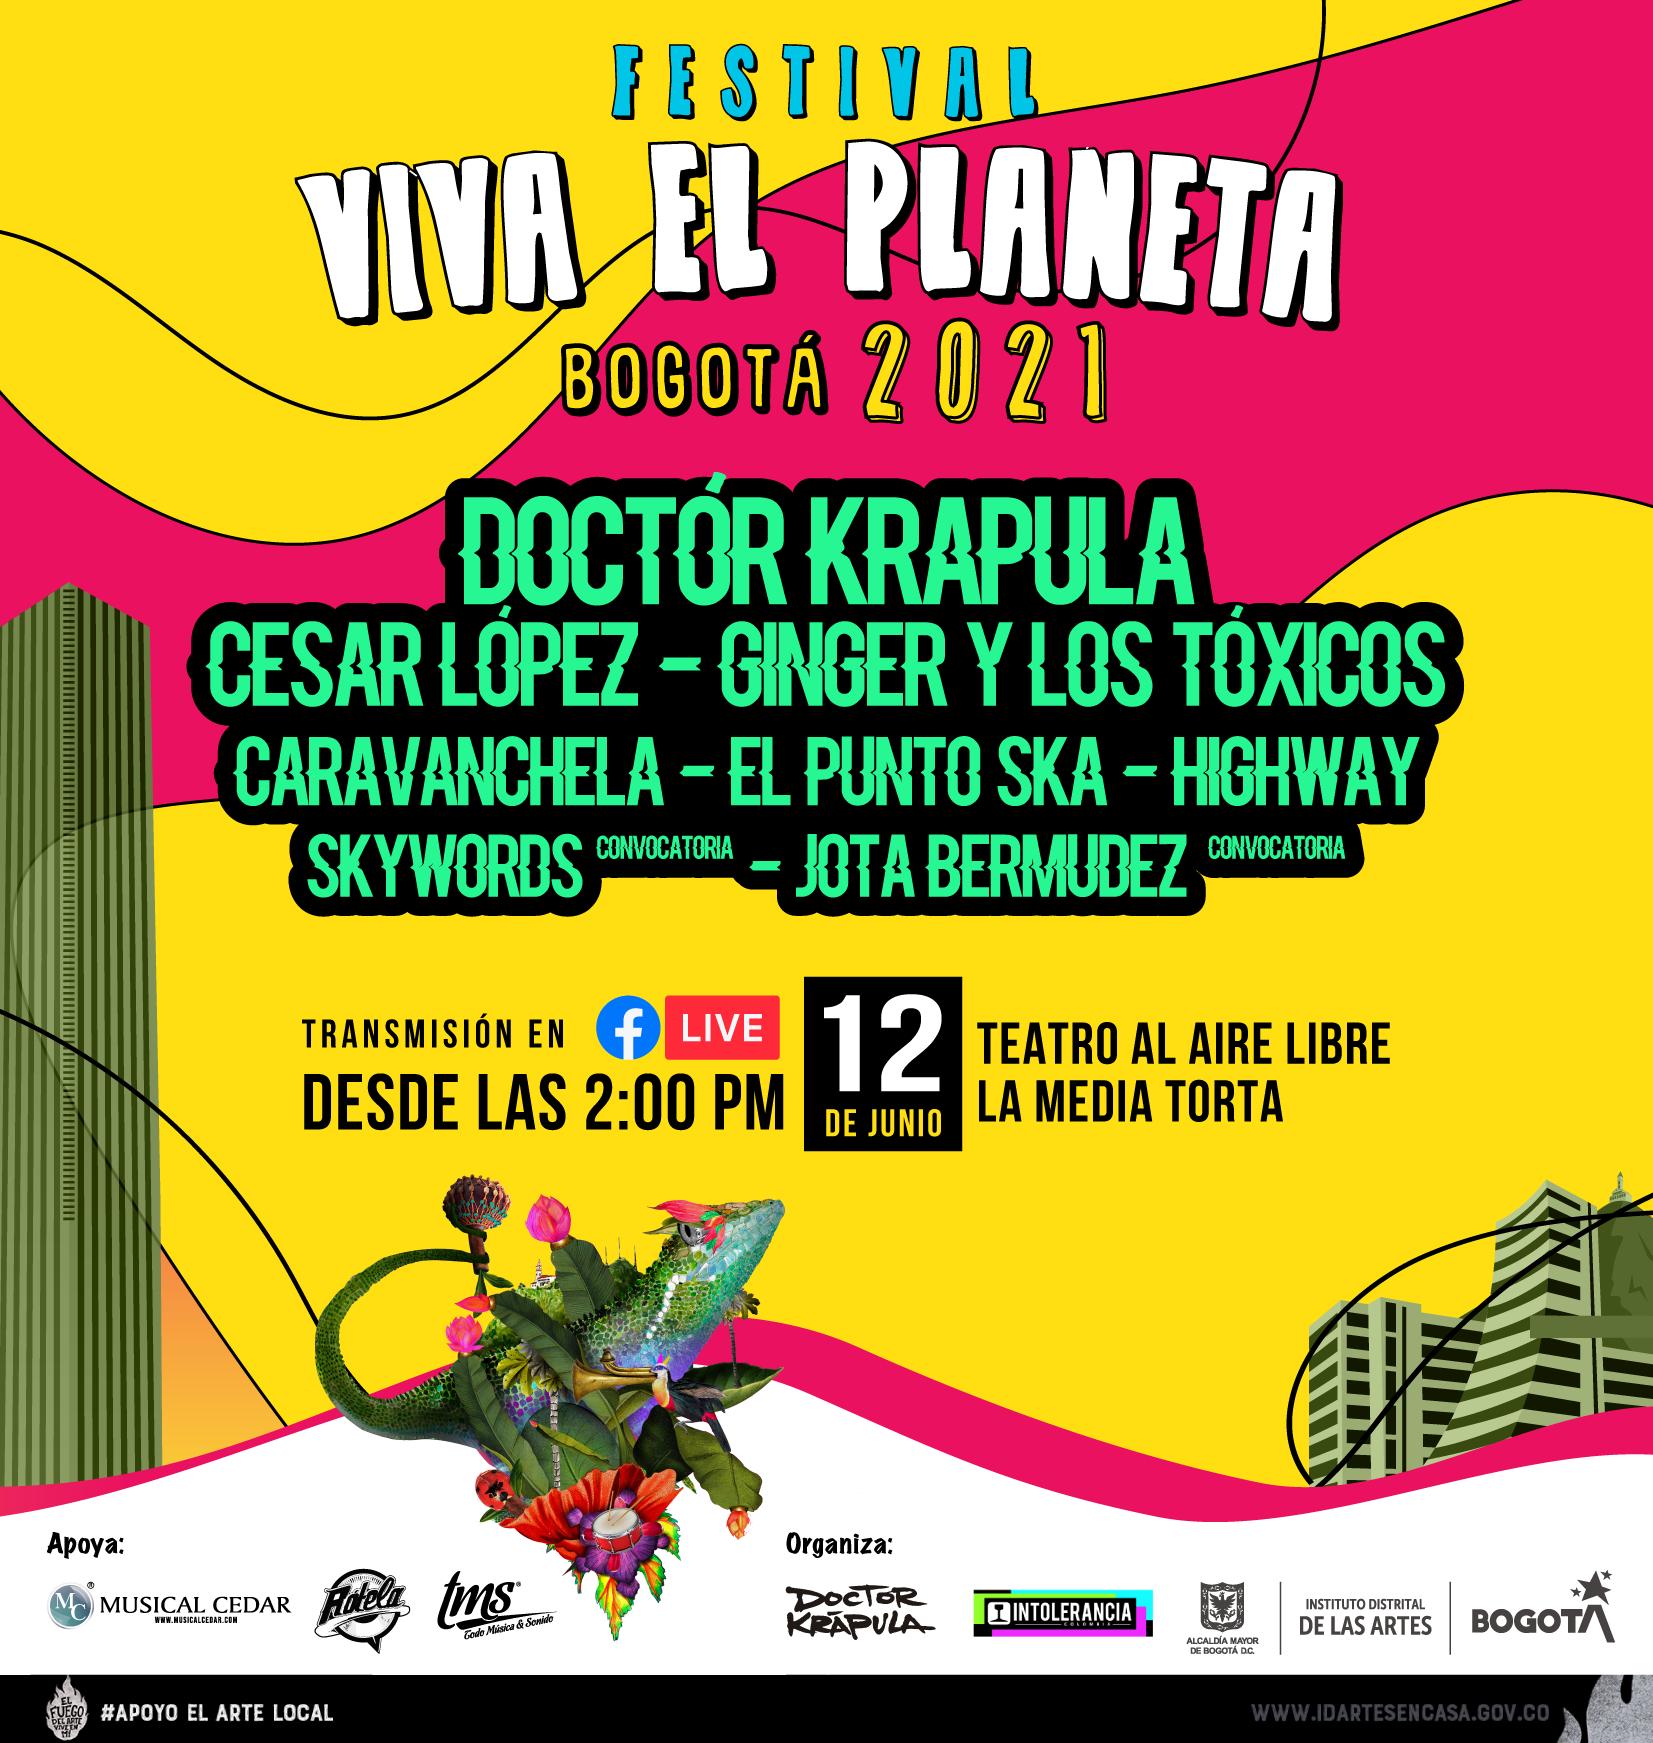 Agéndate con el Festival Viva el Planeta Bogotá 2021 - unnamed